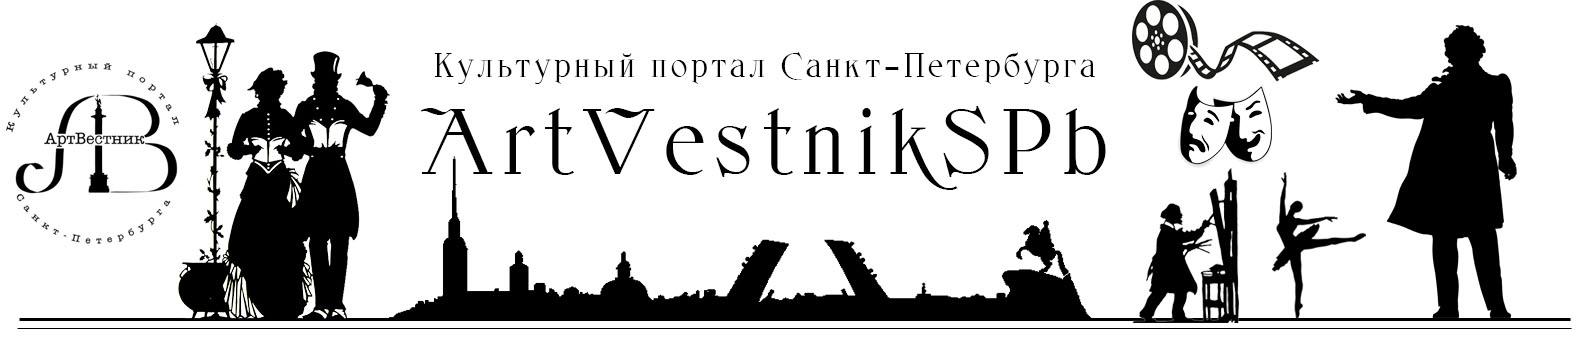 ArtVestnikSPb